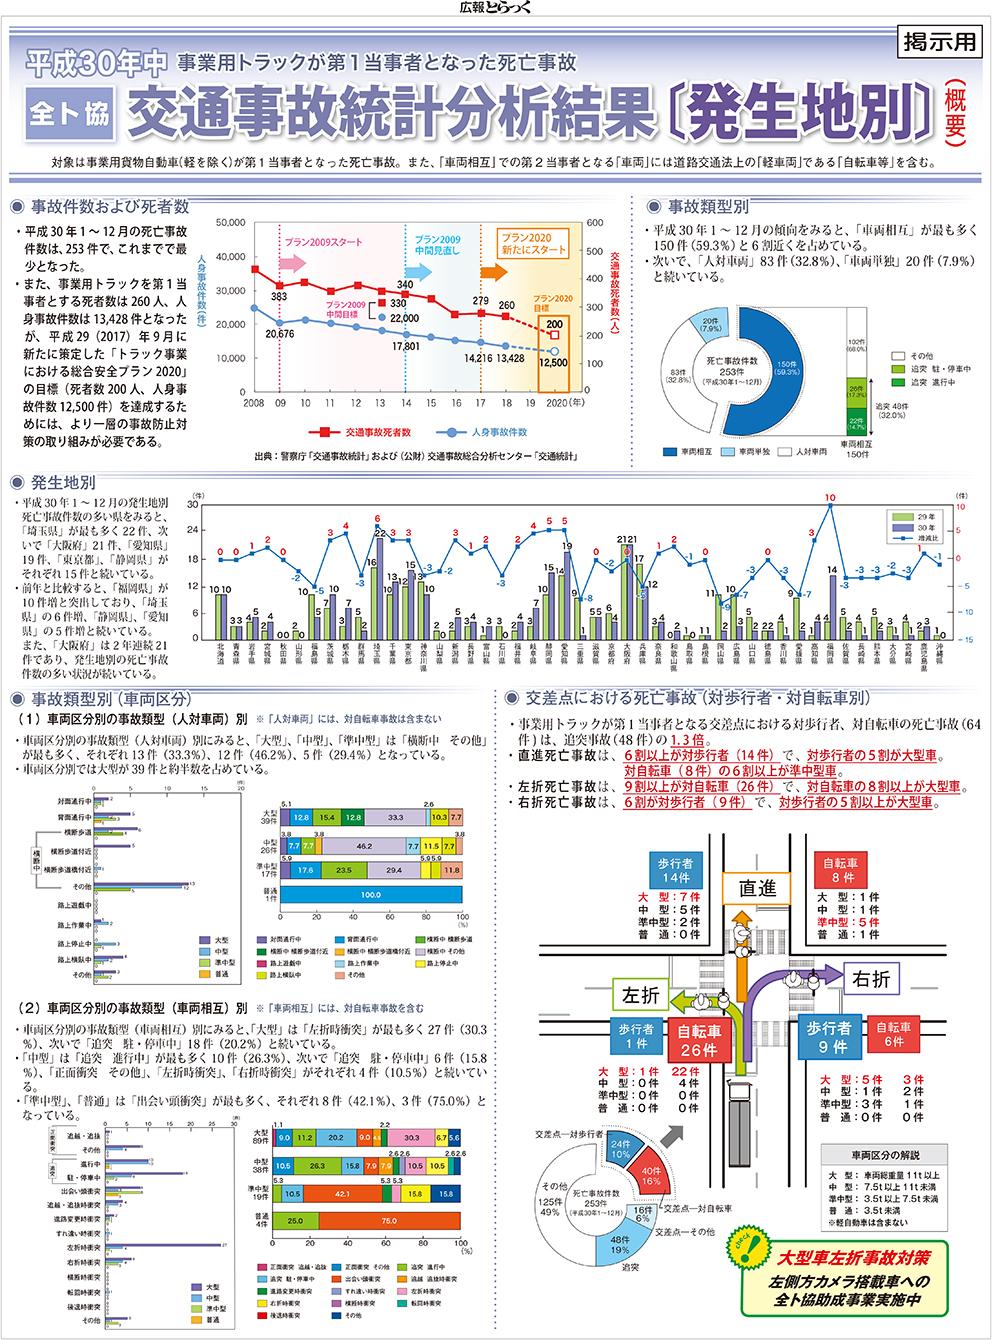 平成30年中交通事故統計分析結果〔発生地別:掲出用ポスター〕